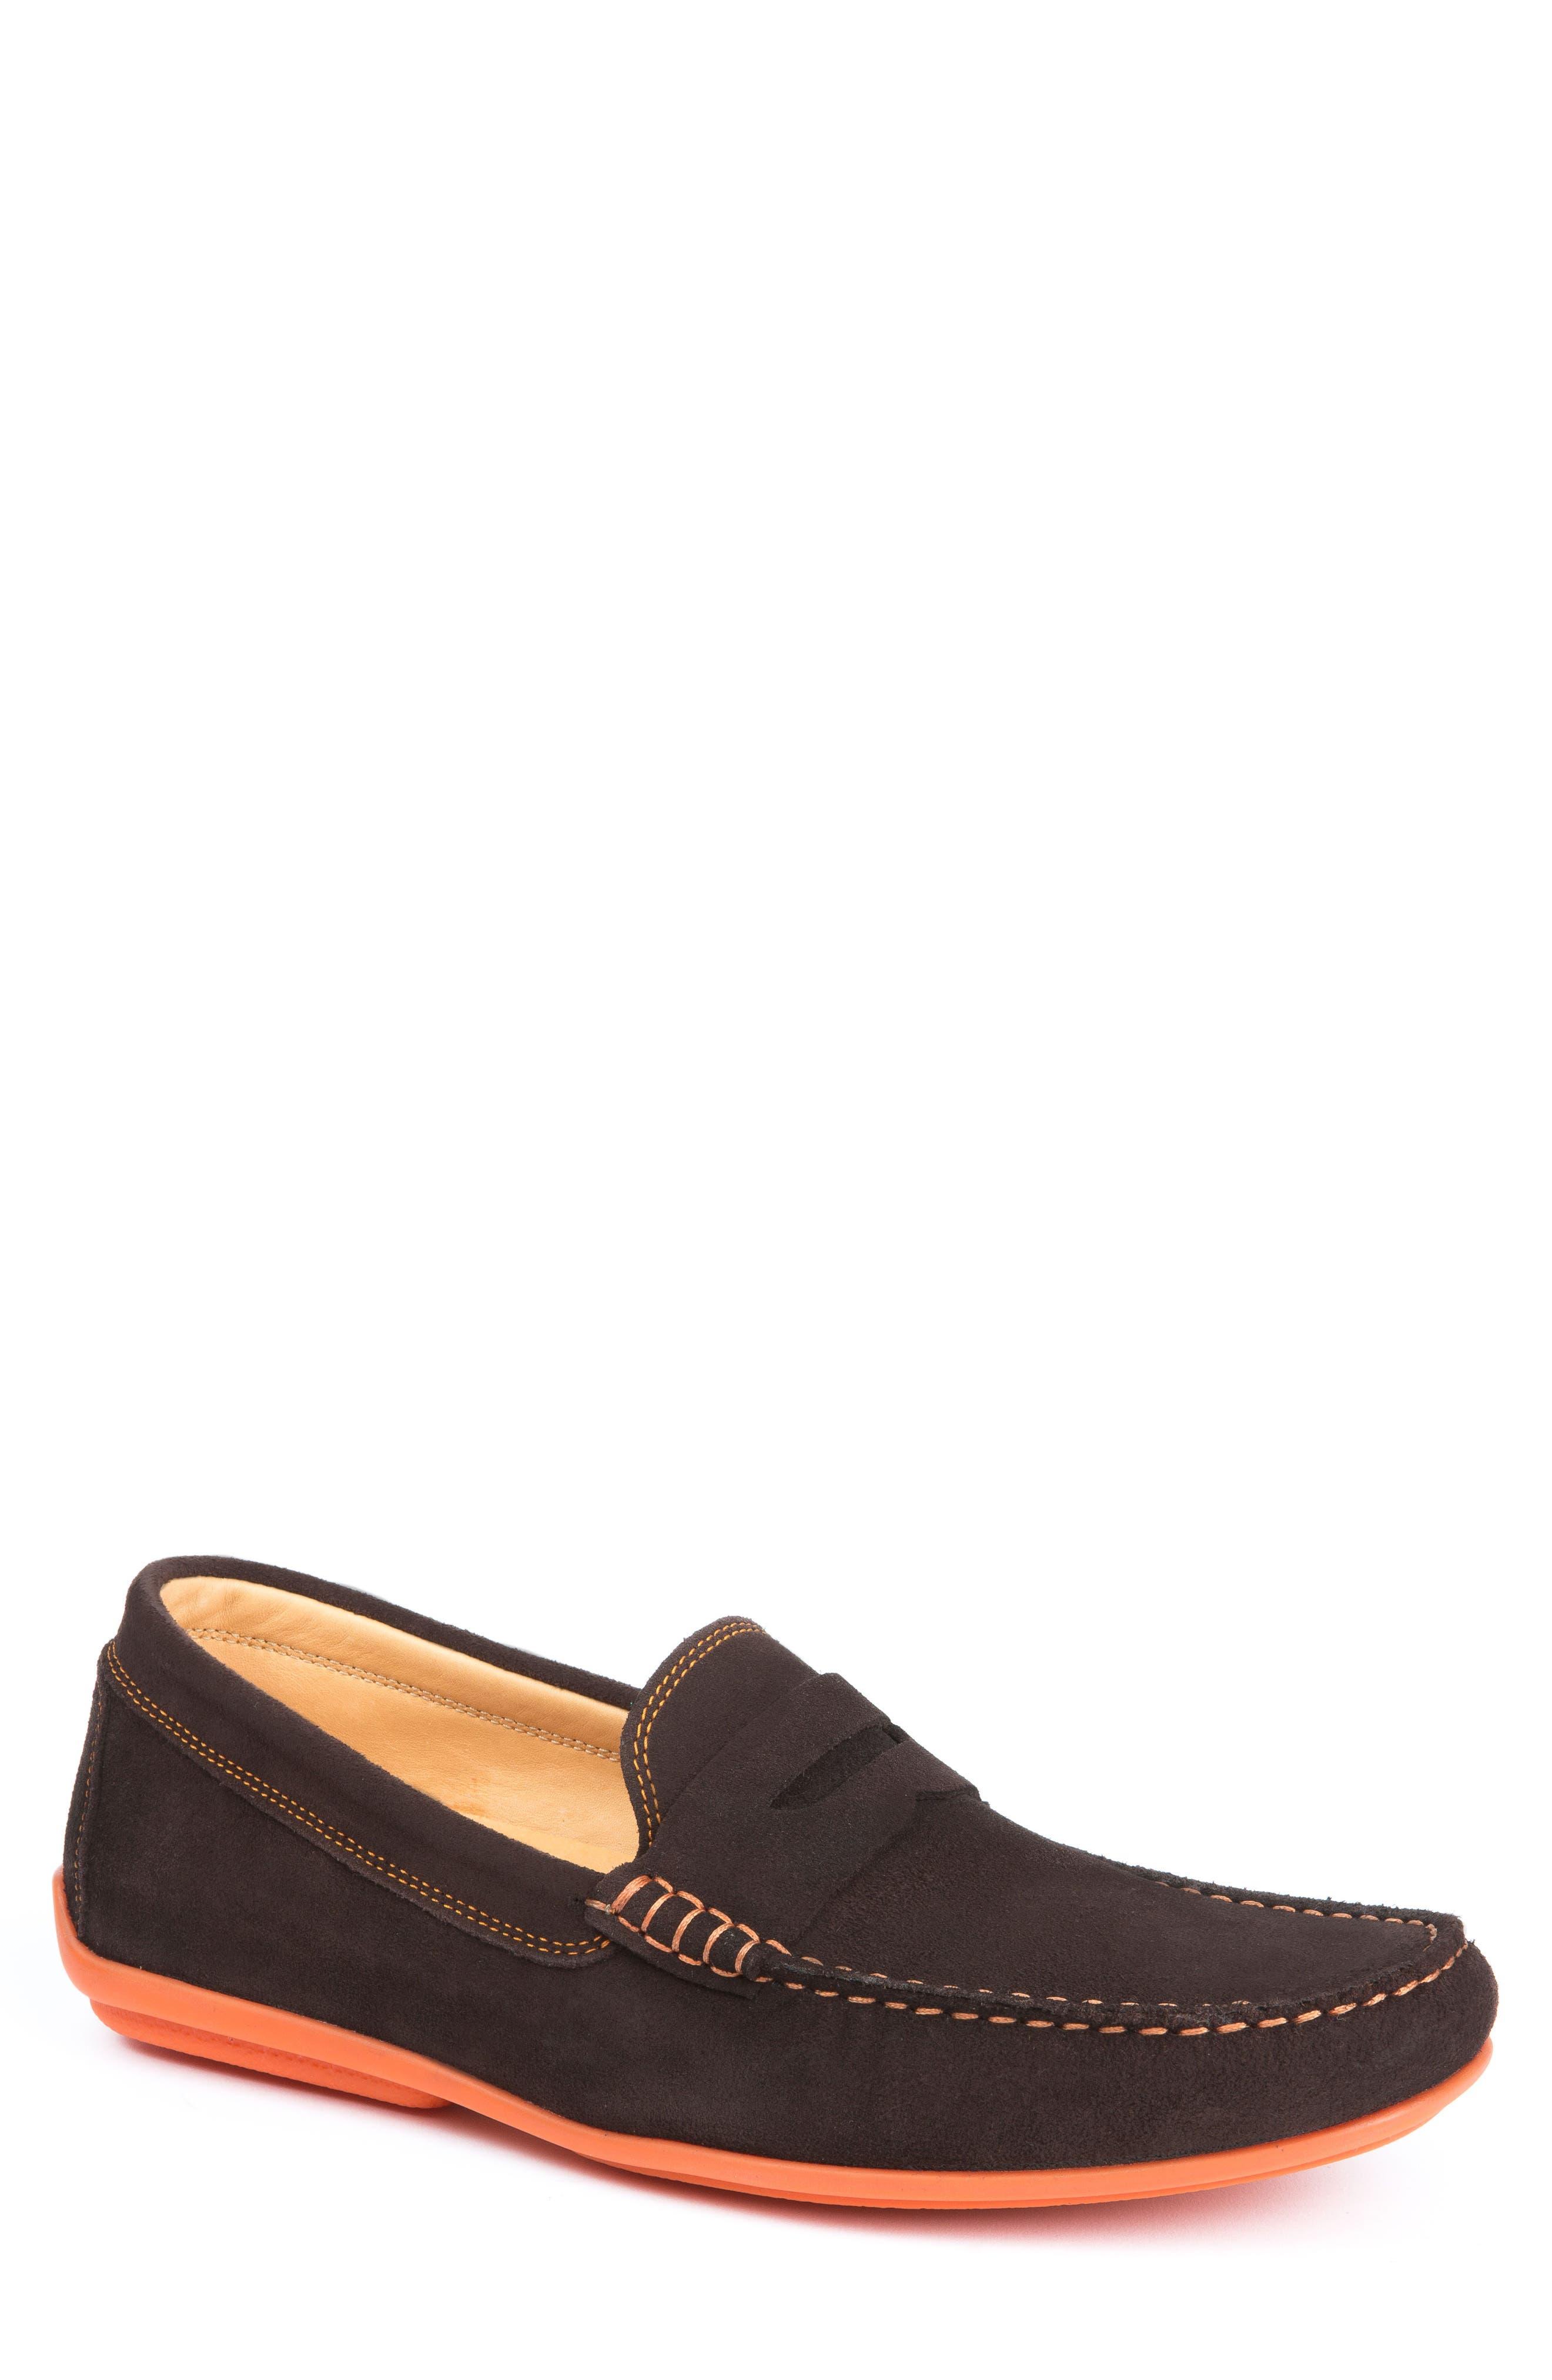 'North Sides' Penny Loafer,                         Main,                         color, BROWN SUEDE/ ORANGE